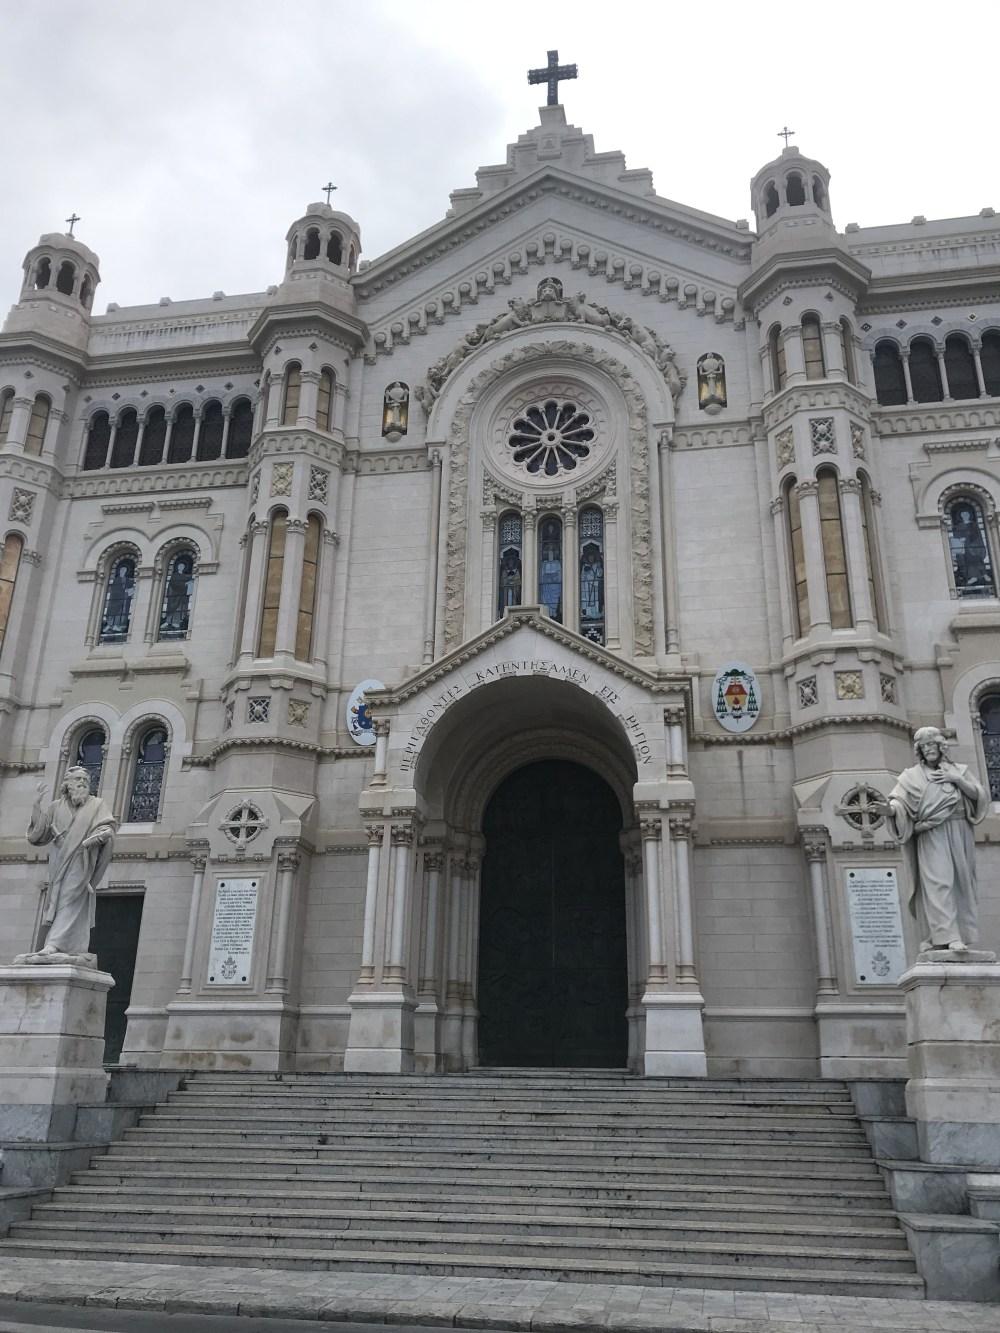 Duomo de Reggio Calabria